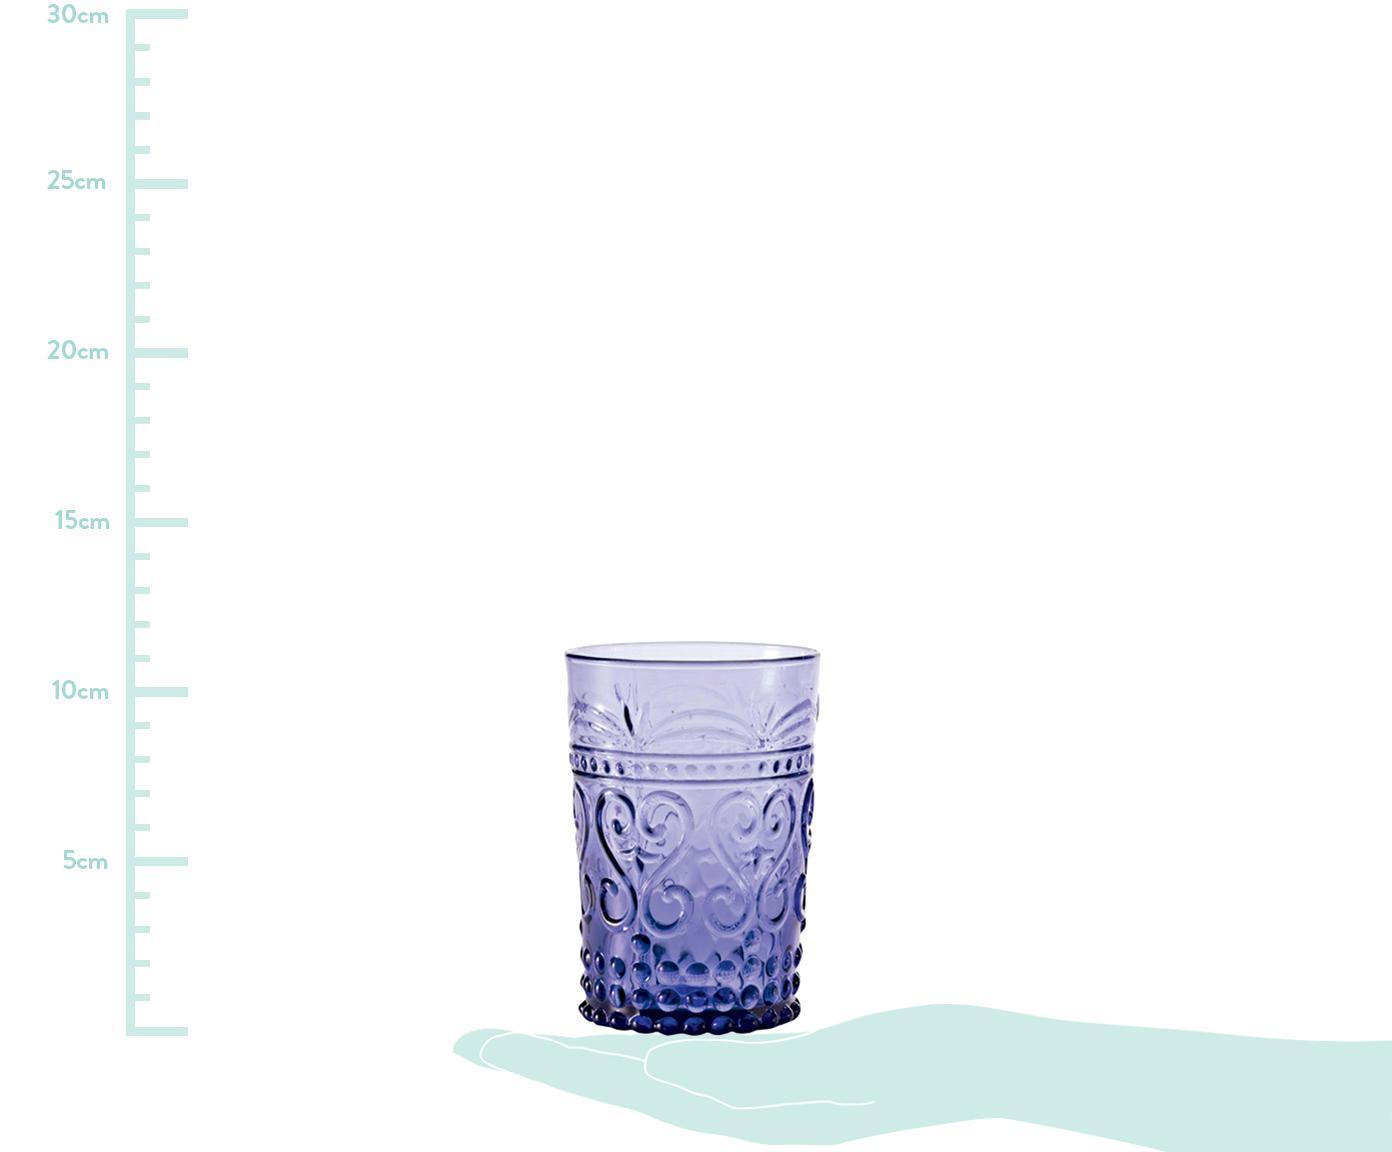 Sada ručně foukaných sklenic v různých provedeních Melting Pot Berry, 6 dílů, Odstíny modré, odstíny červené